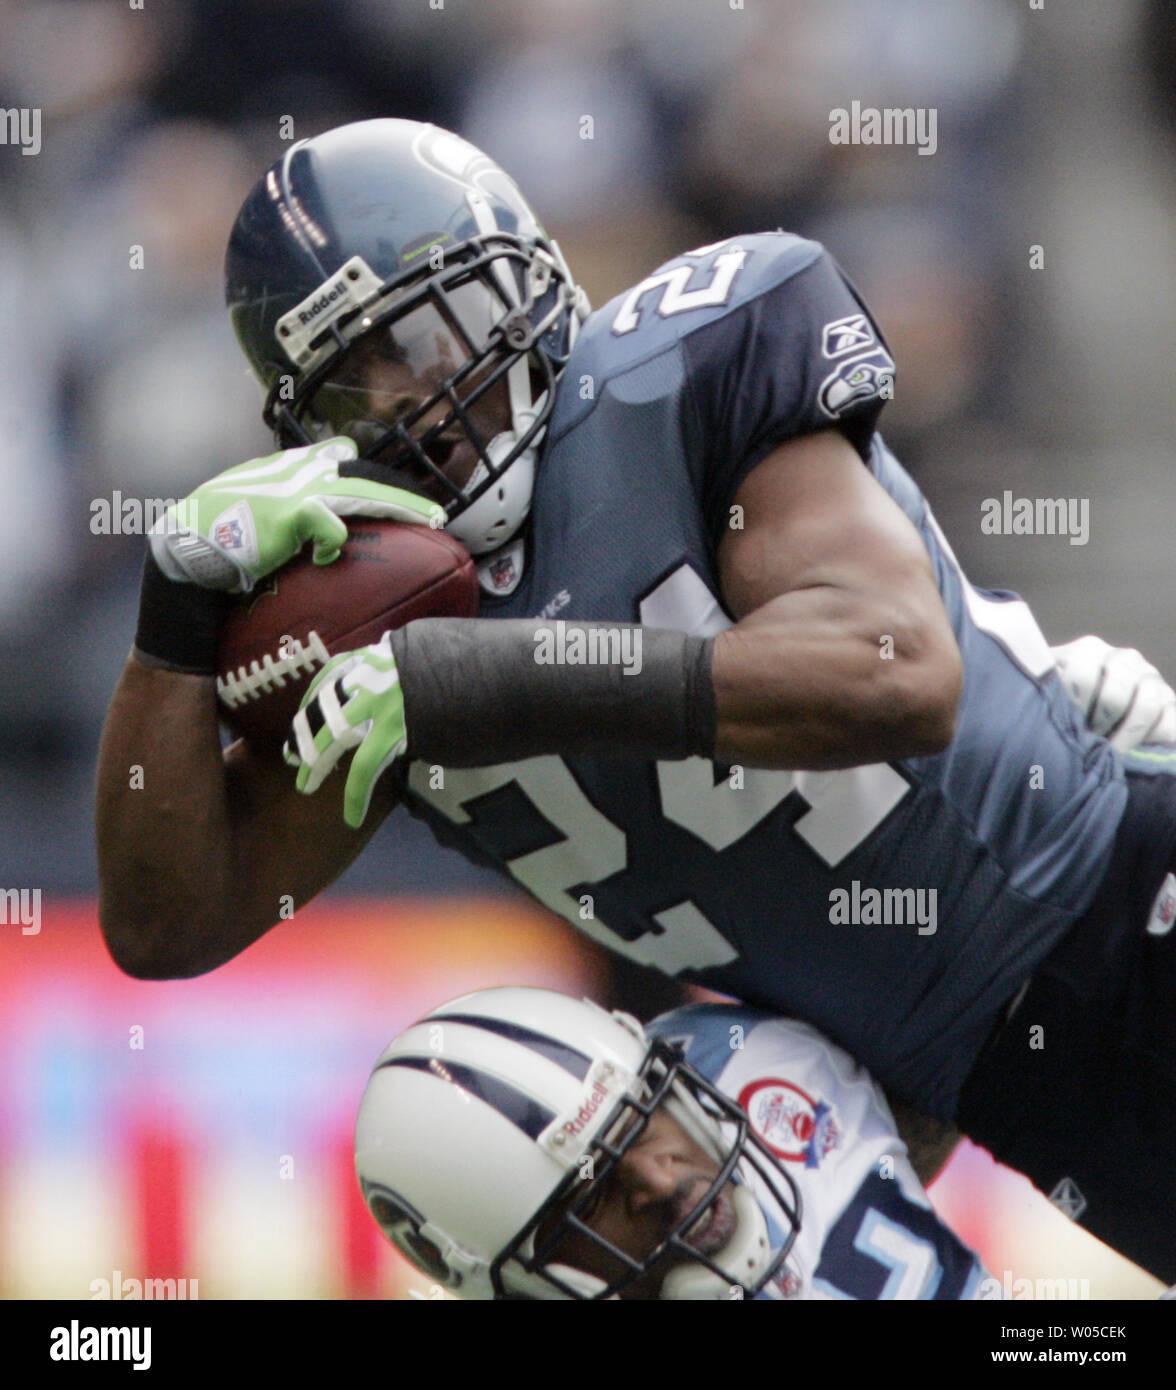 Seattle Seahawks forte Deon sicurezza concedere intercetta un pass destinati Tennessee Titans wide receiver Justin Gage nel primo trimestre a Qwest Field di Seattle il 3 gennaio 2010. I Titani battere il Seahawks 17-13. UPI /Jim Bryant Immagini Stock